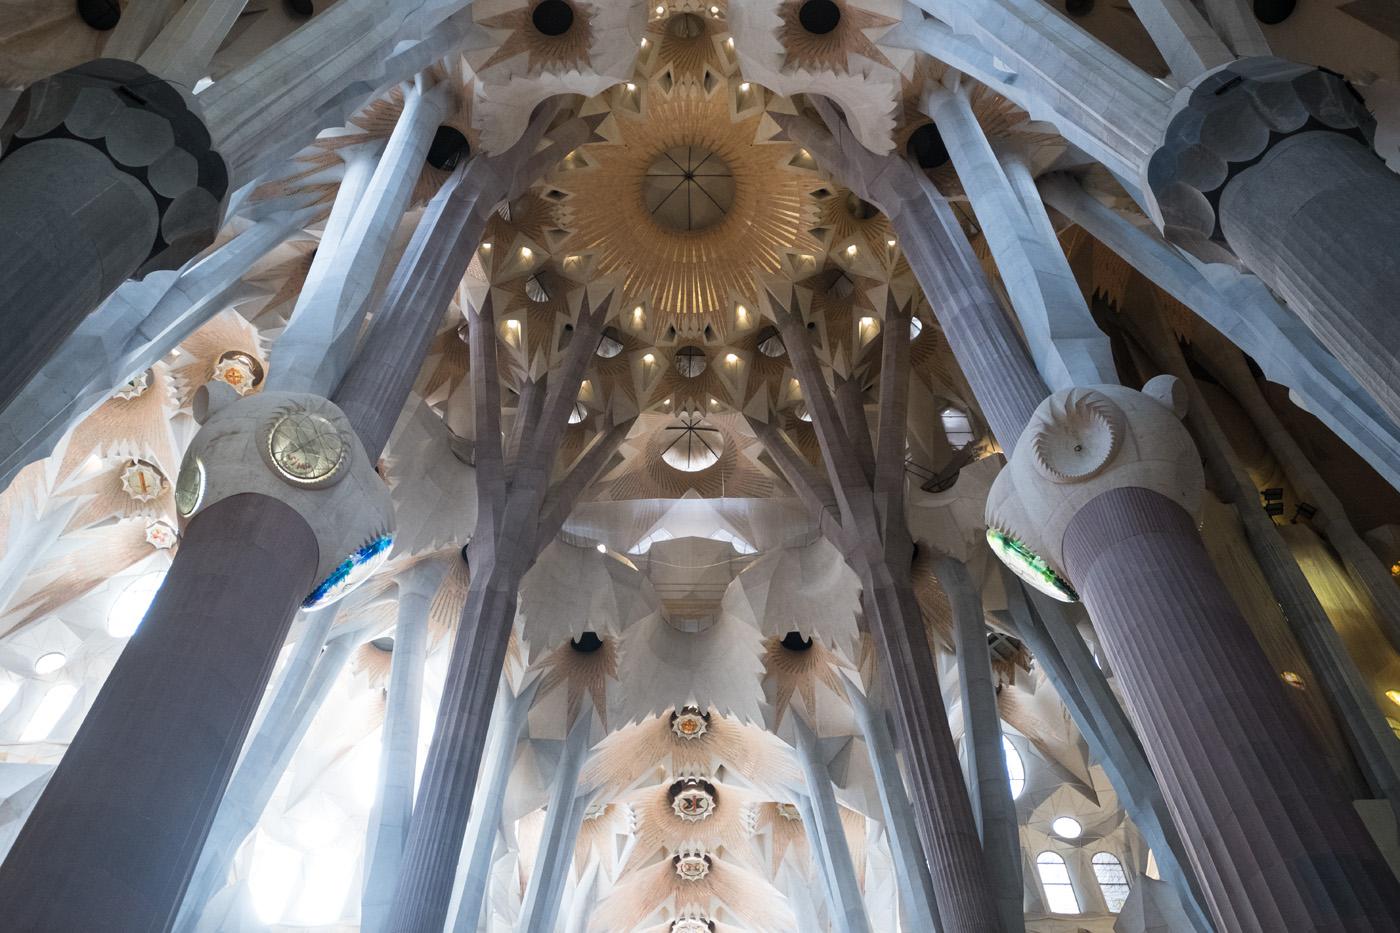 The Sagrada Familia #3